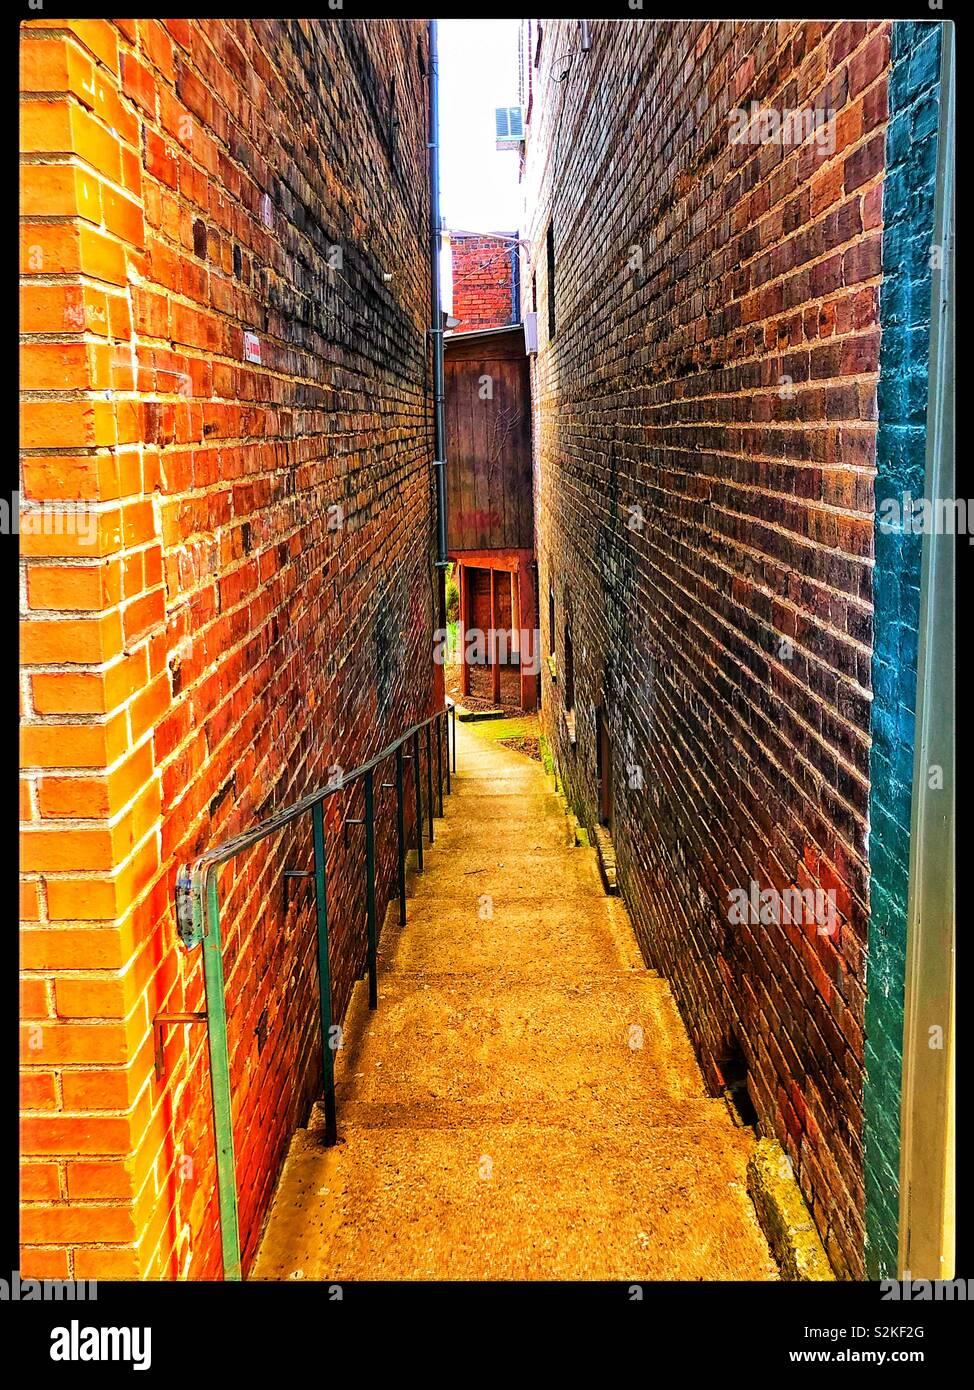 Stairway between two brick buildings - Stock Image